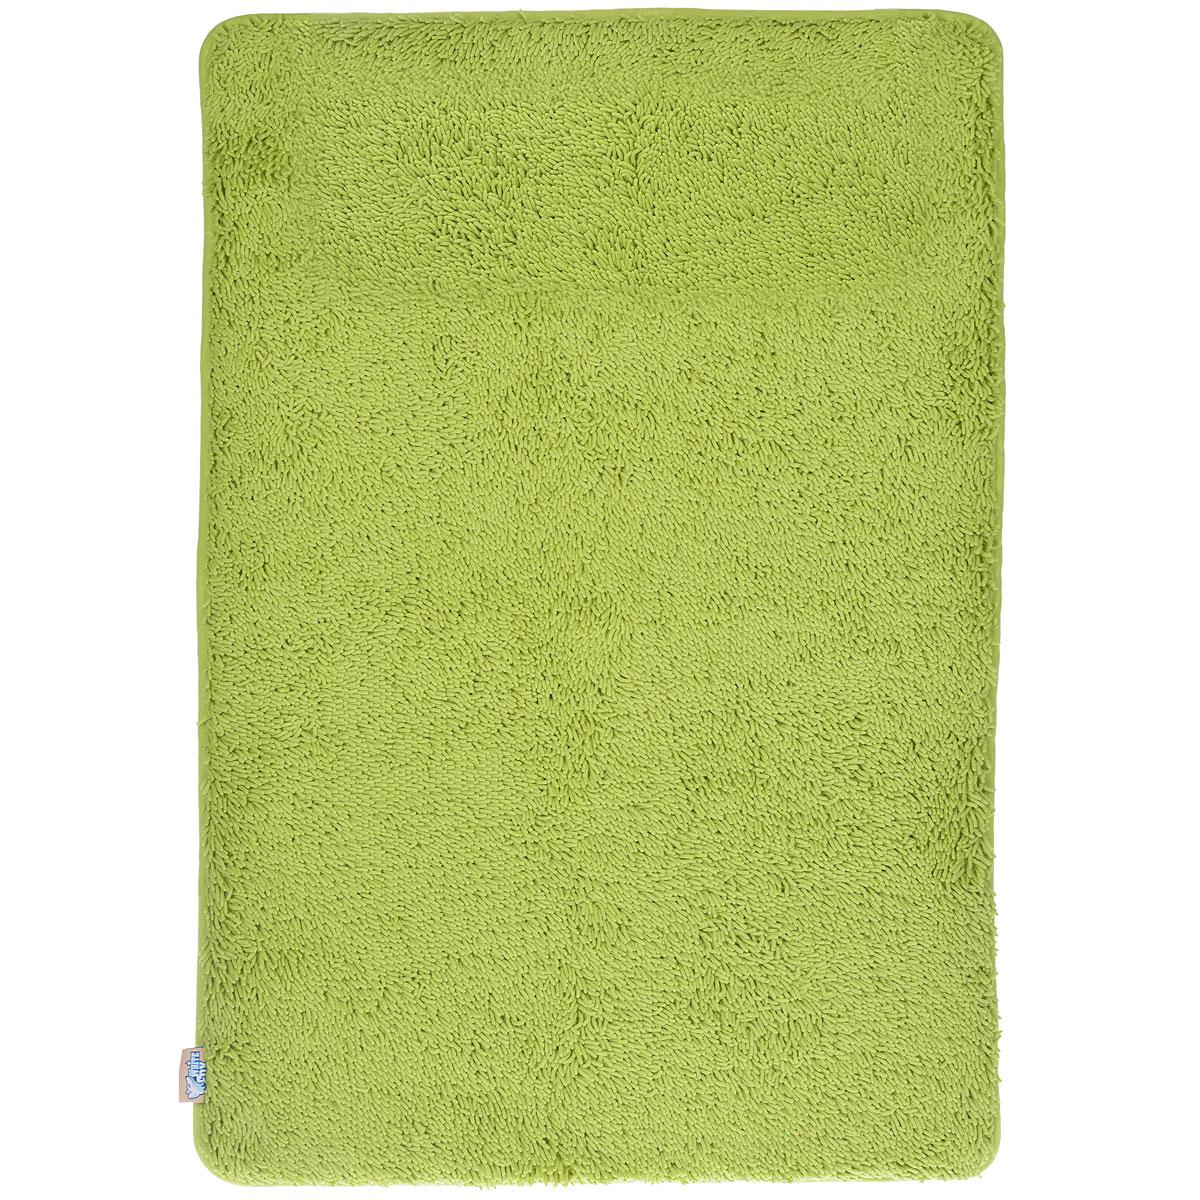 Коврик для ванной White Fox Relax, цвет: зеленый, 60 см х 90 см391602Коврик для ванной White Fox Relax с ворсом подарит настоящий комфорт до и после принятия водных процедур. Коврик состоит из трех слоев: - верхний флисовый слой прекрасно дышит, благодаря чему коврик быстро высыхает; - основной слой выполнен из специального вспененного материала, который точно повторяет рельеф стопы, создает комфорт и полностью восстанавливает первоначальную форму; - нижний резиновый слой препятствует скольжению коврика на влажном полу.Коврик White Fox Relax с ворсом равномерно распределяет нагрузку на всю поверхность стопы, снимая напряжение и усталость в ногах. Рекомендации по уходу: - можно стирать в стиральной машине при +30°C; - не отбеливать; - не гладить; - можно подвергать химчистке; - деликатные отжим и сушка.Высота ворса: 1,3 см.